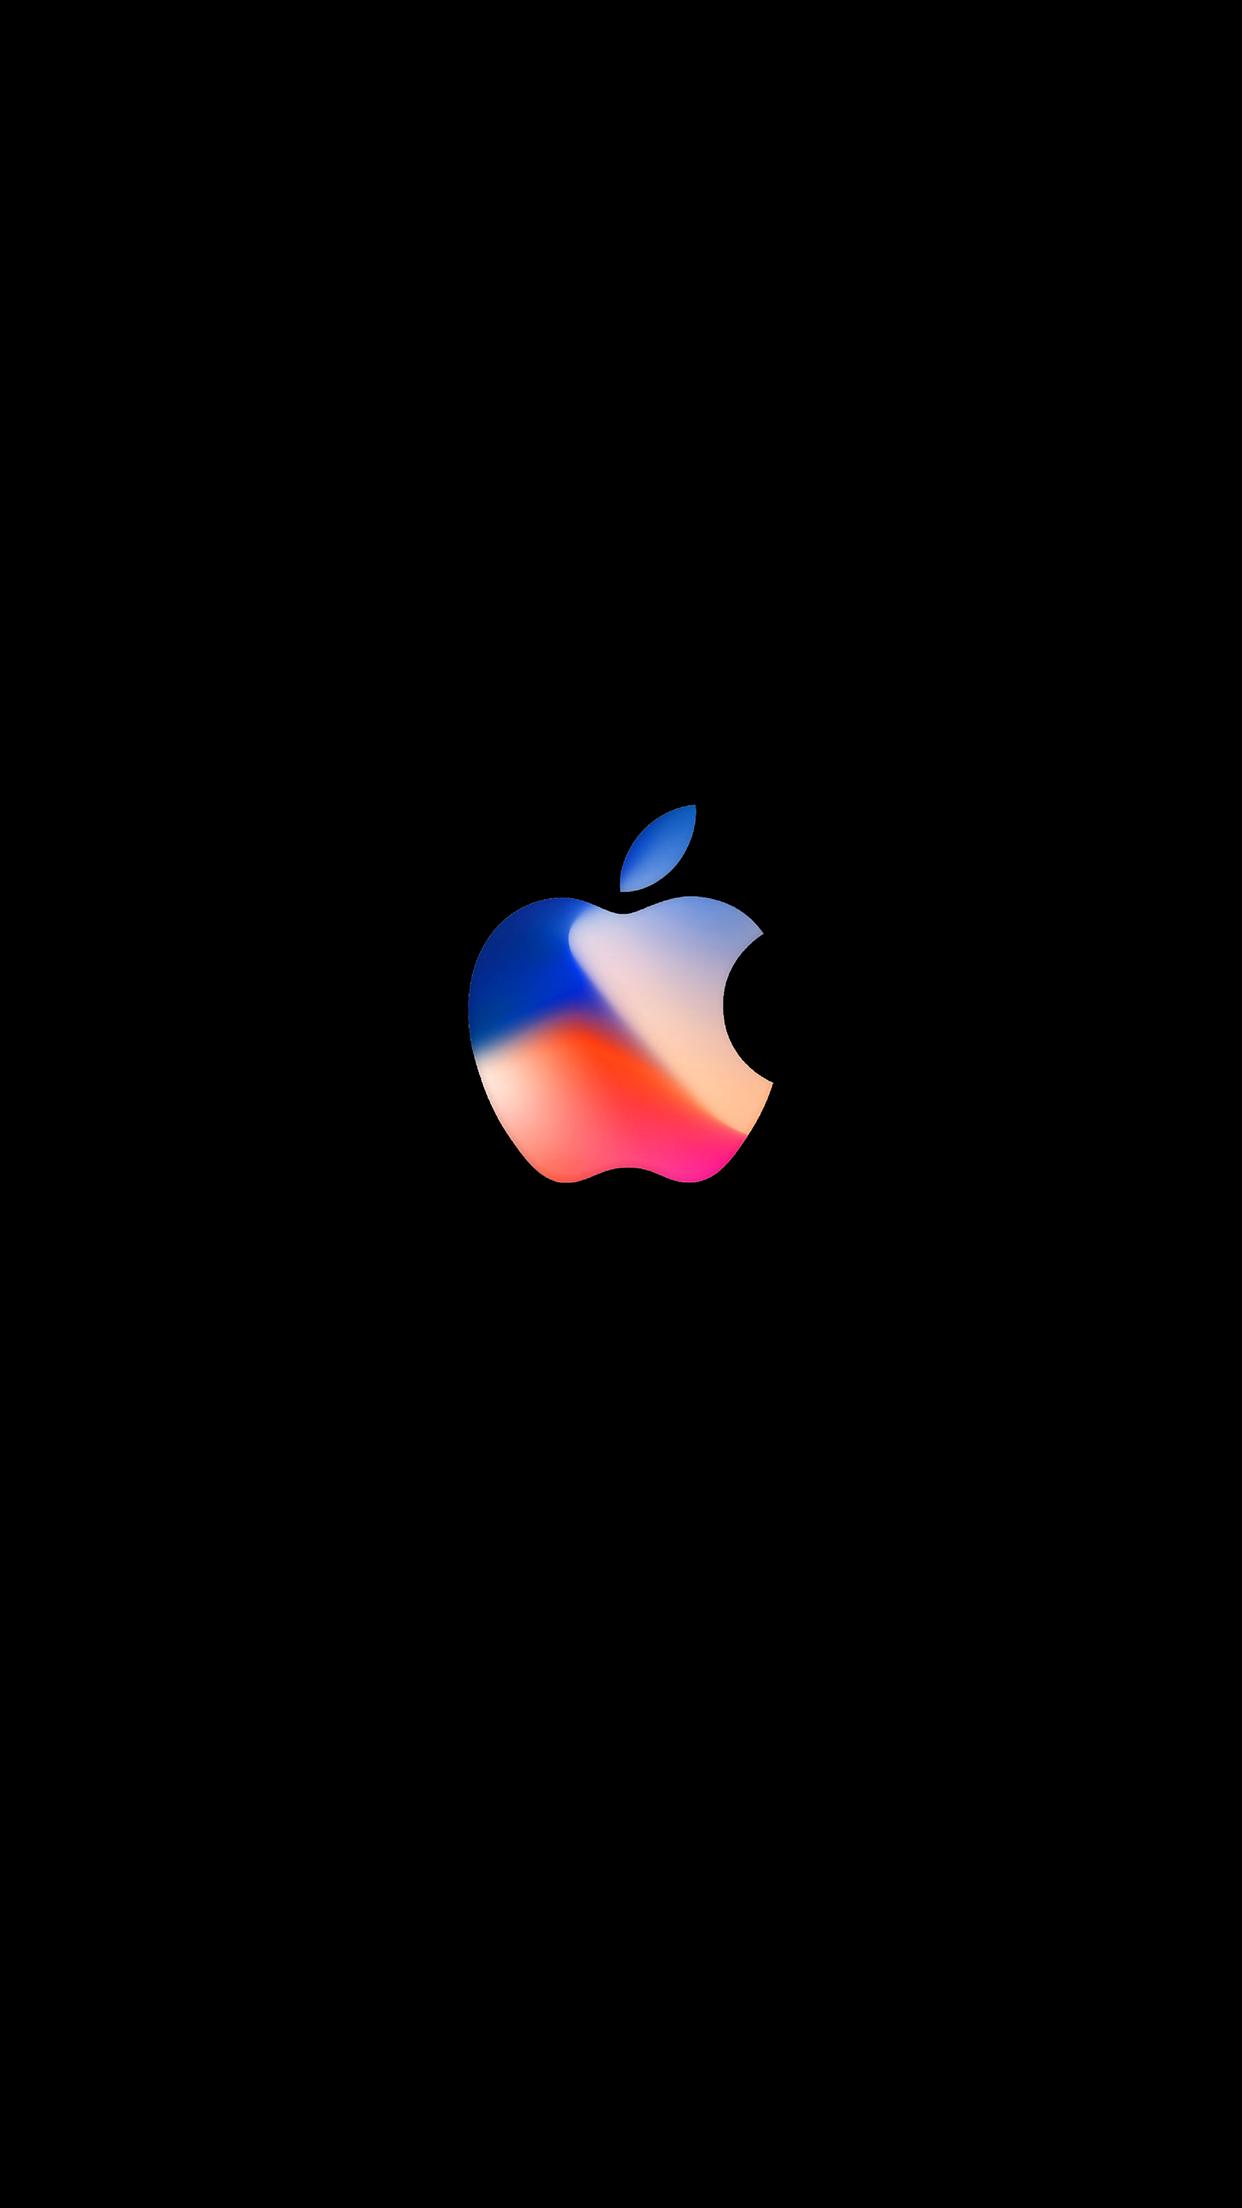 Apple Sep2017 スペシャルイベント壁紙